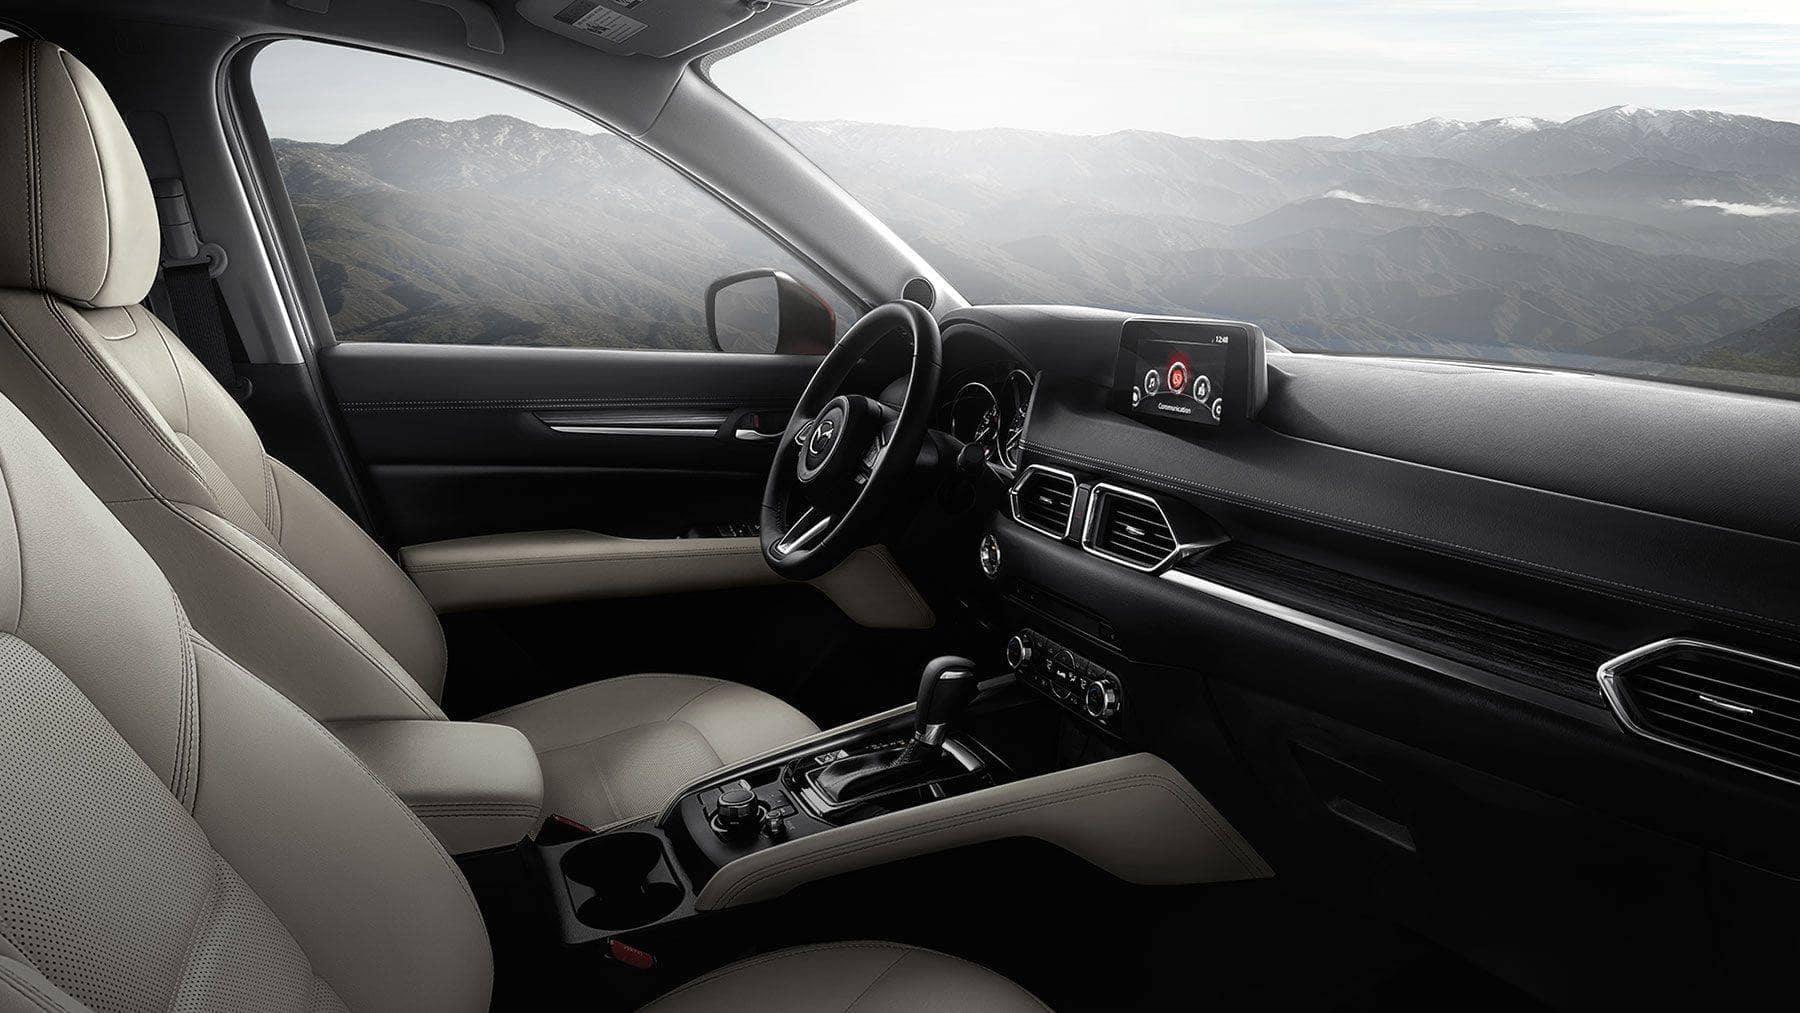 2018 Mazda CX-5 interior view